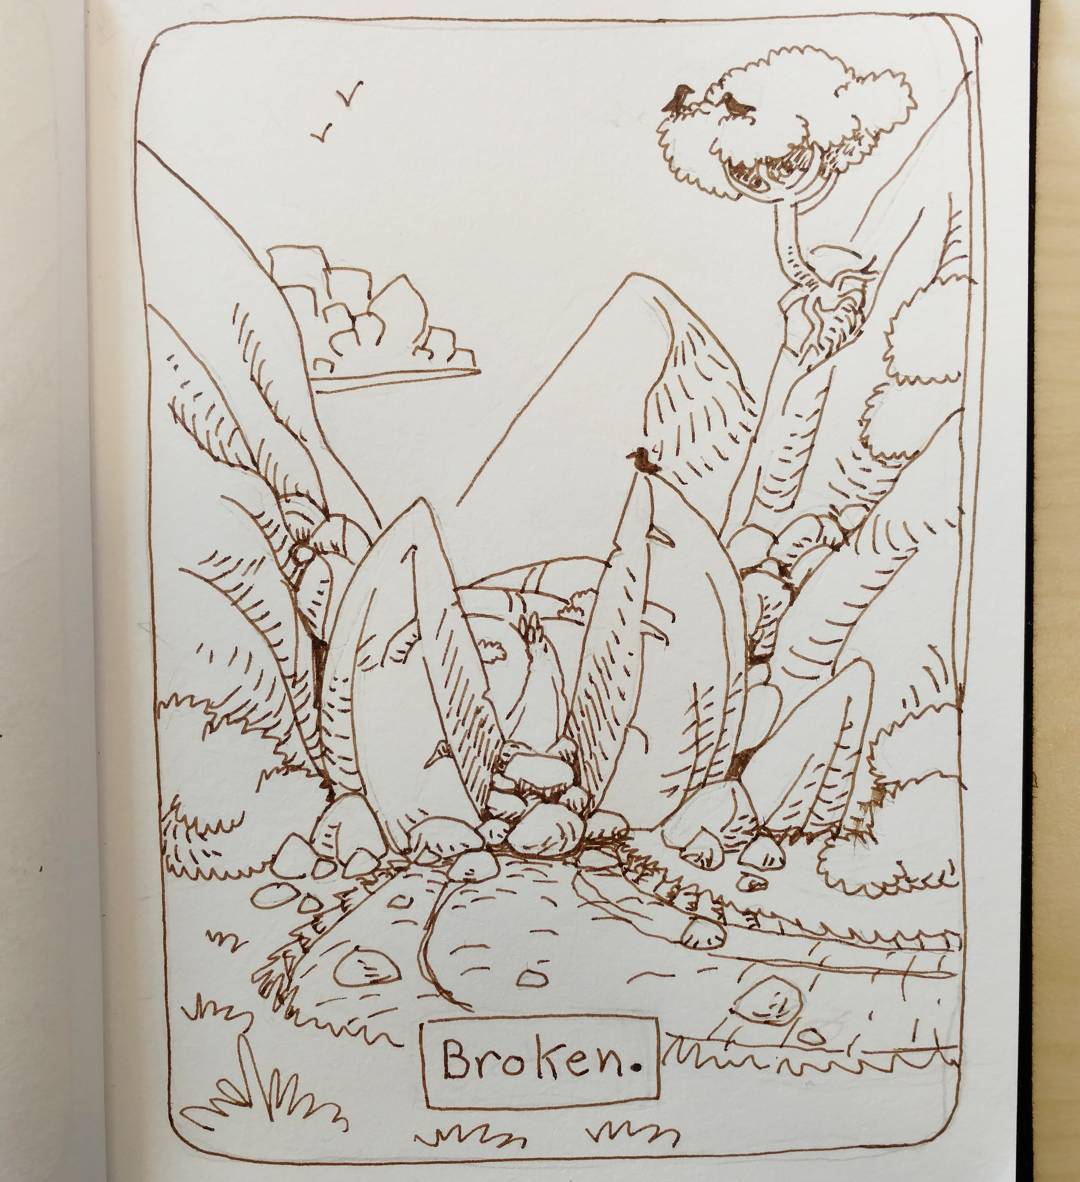 """redjarojam """"Broken"""", Inktober 09 - by Jared DeCosta (redjarojam) www.instagram.com/redjarojam (2016-10) © dell'autore tutti i diritti riservati"""